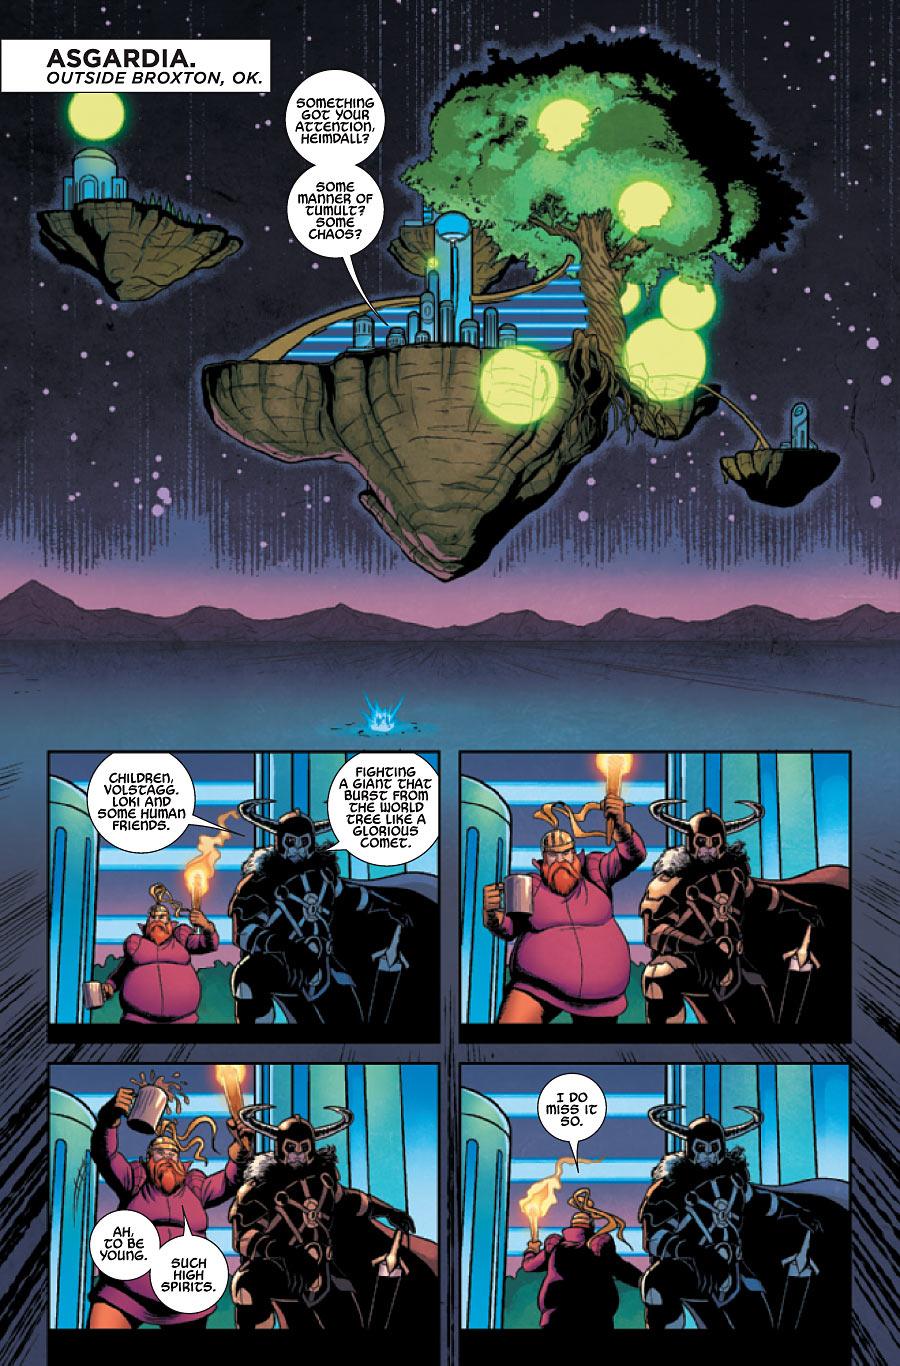 Young Avengers 13 by Kieron Gillen Jamie McKelvie